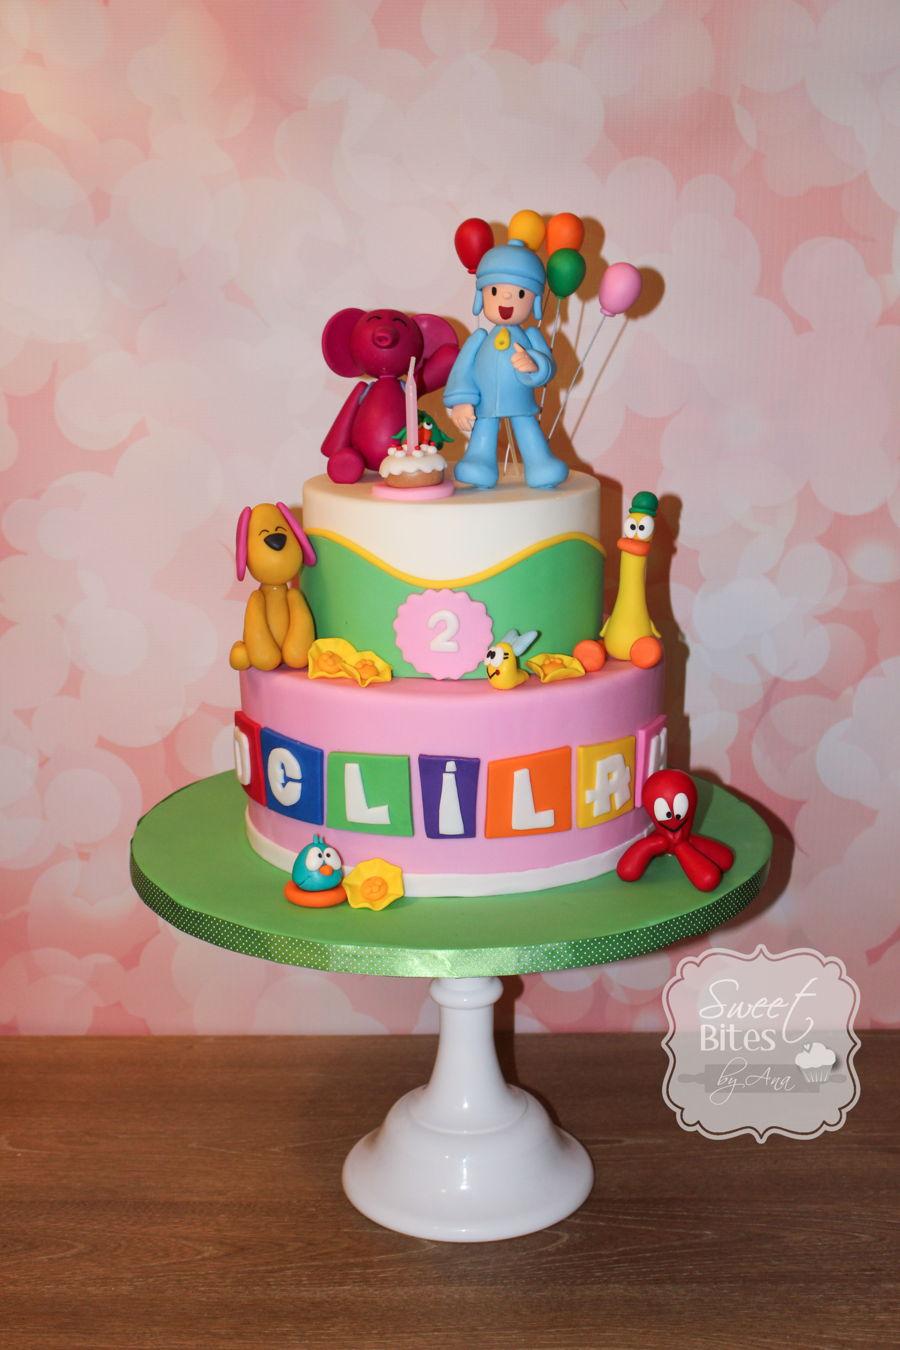 Letter Blocks Cake Decorations trim ring for ceiling light ...